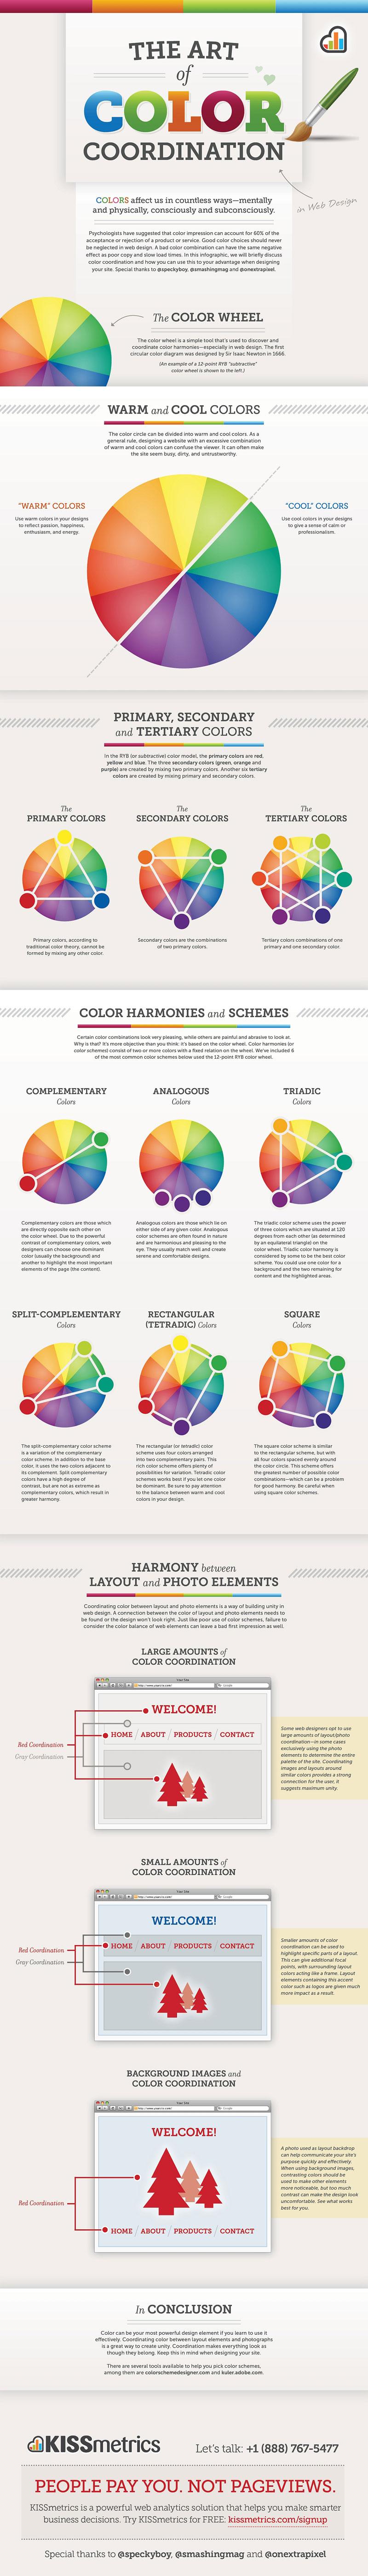 Color coordination in web design.